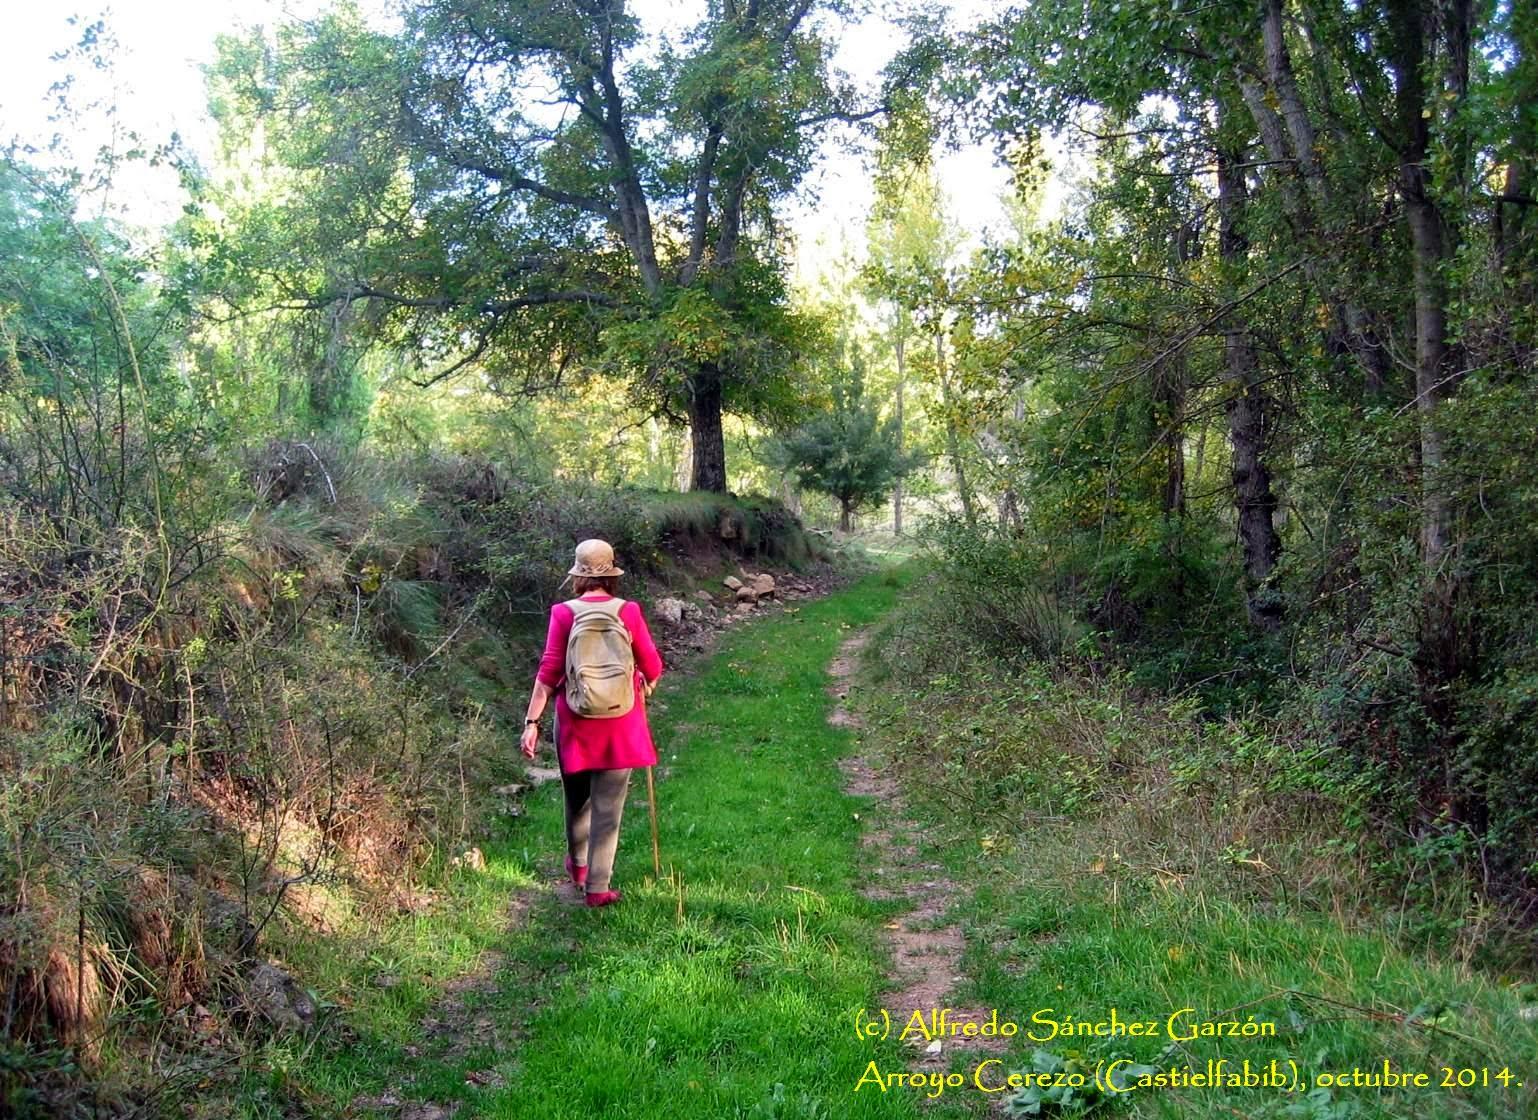 arroyo-cerezo-rambla-camino-castielfabib